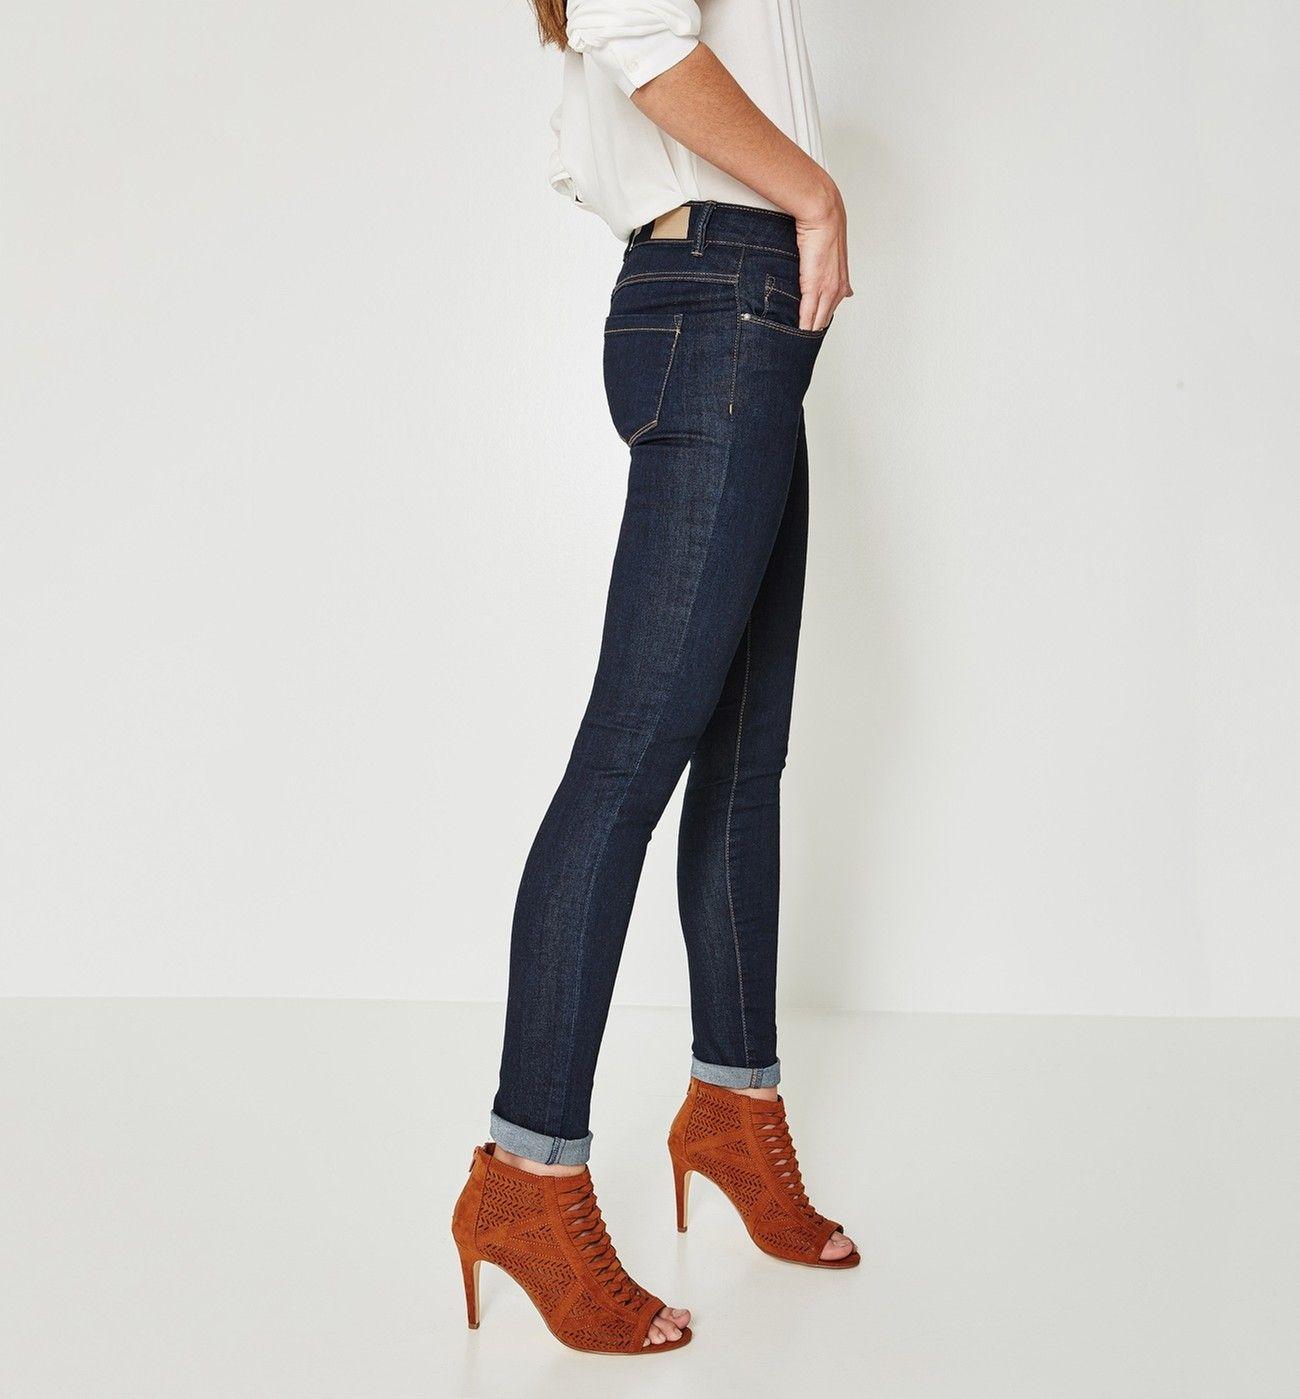 13b64f08e1c5 Jean skinny GASPARD - Jean rinse - Jeans - Femme - Promod   Wishlist ...